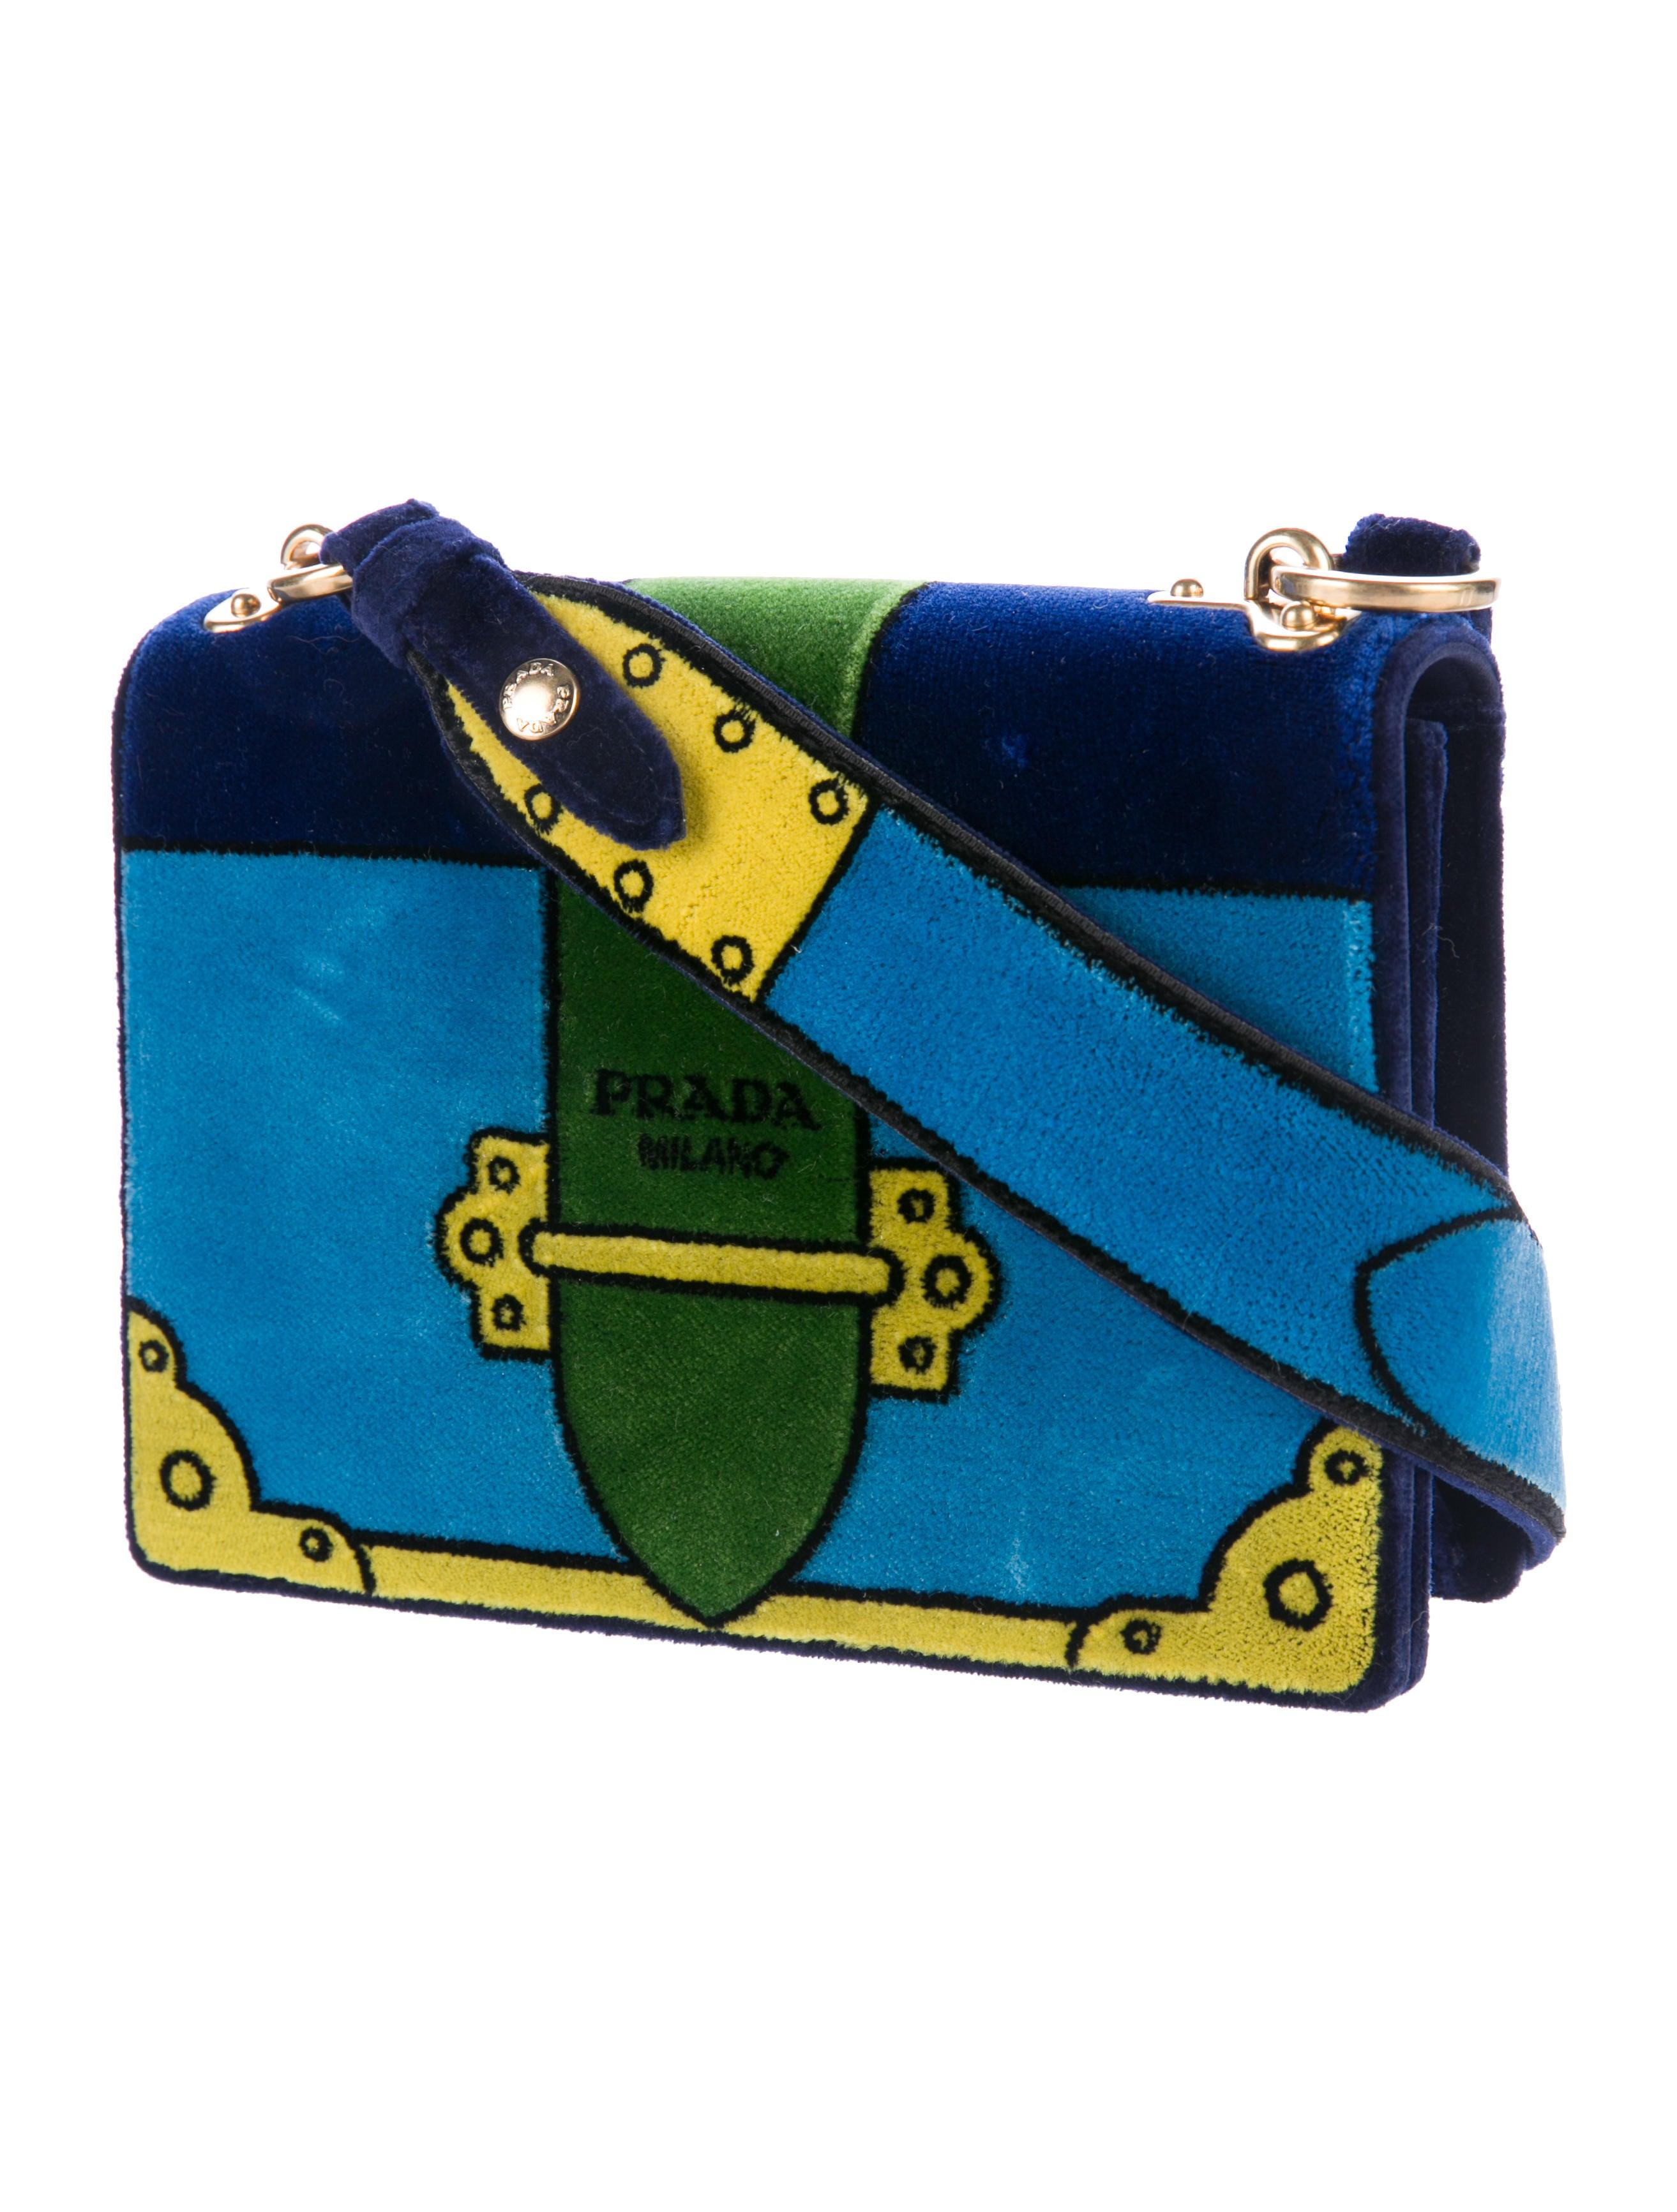 0d4ffa703a90 Prada 2017 Trompe L'Oeil Cahier Velvet Bag - Handbags - PRA166573